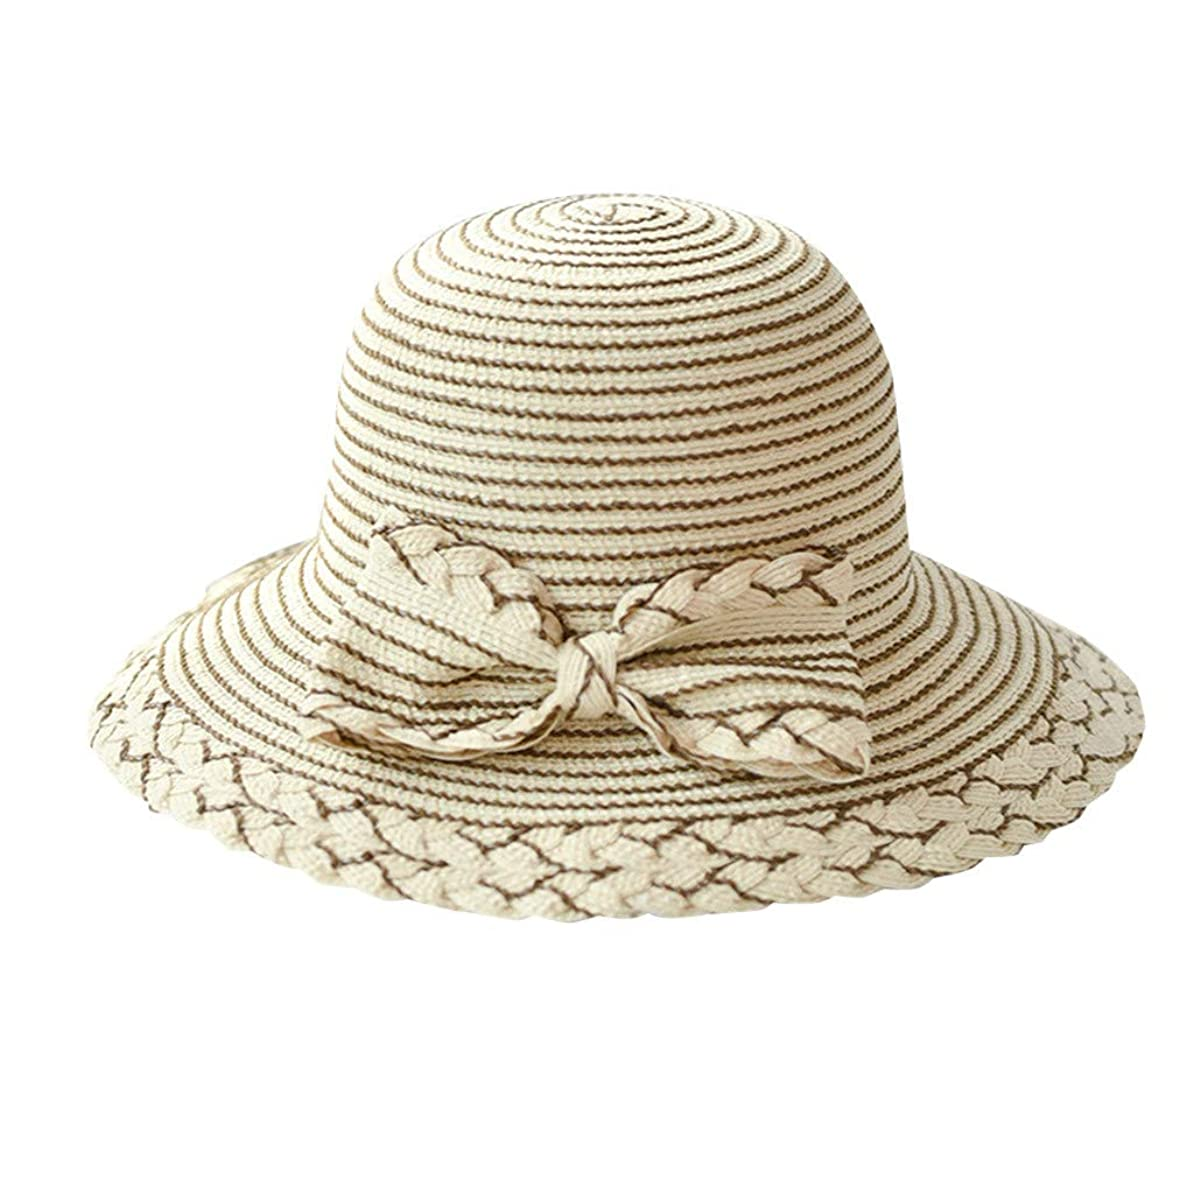 長老争い単位夏 帽子 レディース UVカット 帽子 ハット レディース 日よけ 夏季 女優帽 日よけ 日焼け 折りたたみ 持ち運び つば広 吸汗通気 ハット レディース 紫外線対策 小顔効果 ワイヤー入る ハット ROSE ROMAN